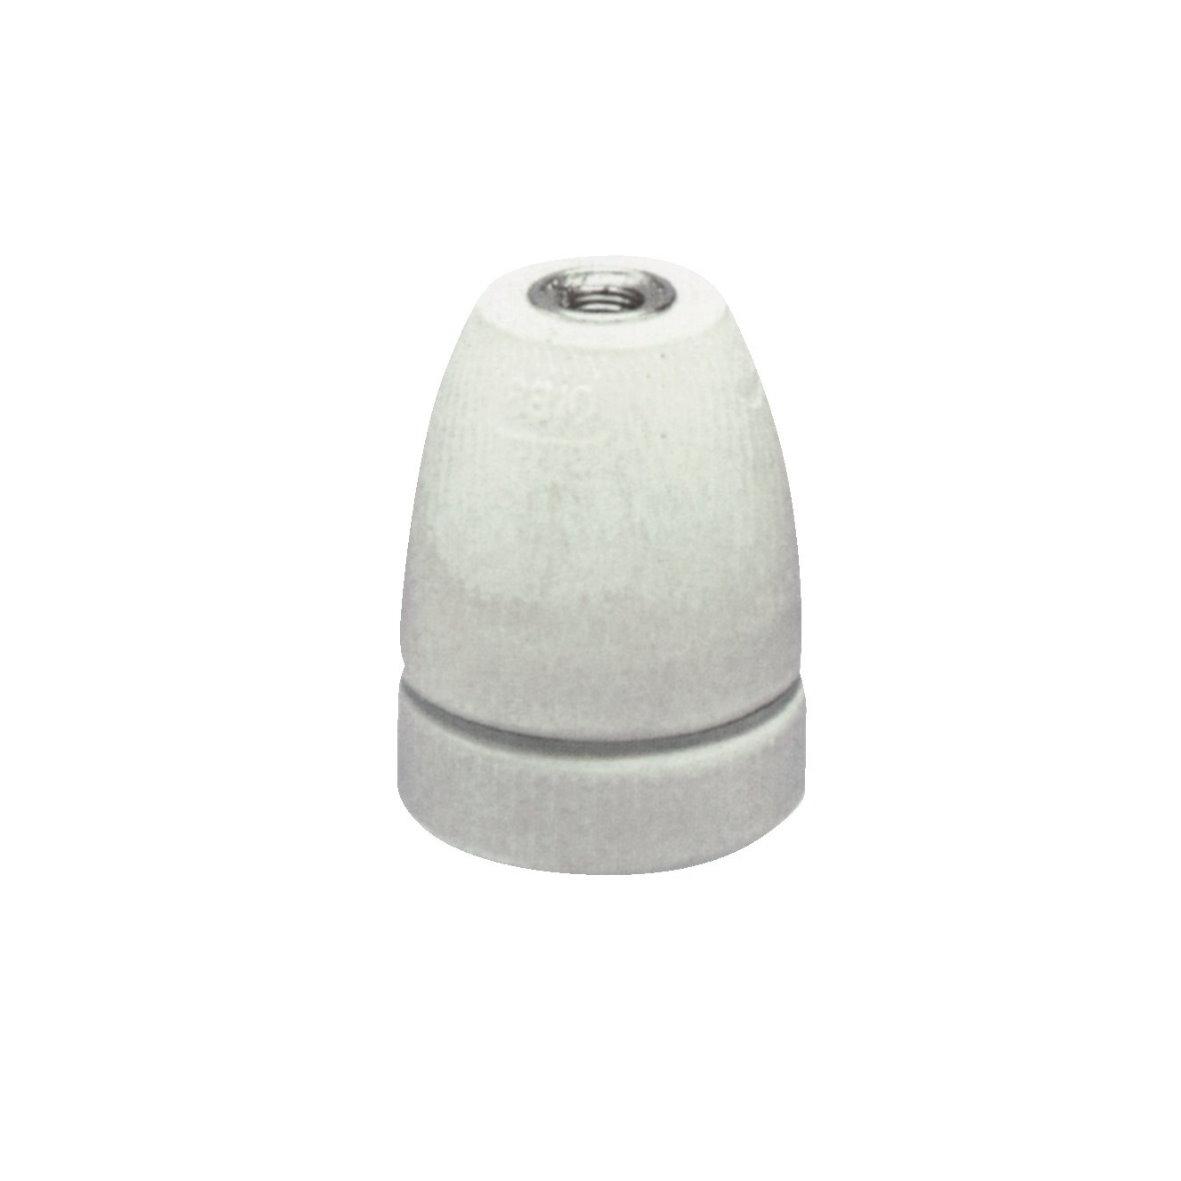 lampenfassung e14 mit kabel schalter und stecker schwarz 4. Black Bedroom Furniture Sets. Home Design Ideas